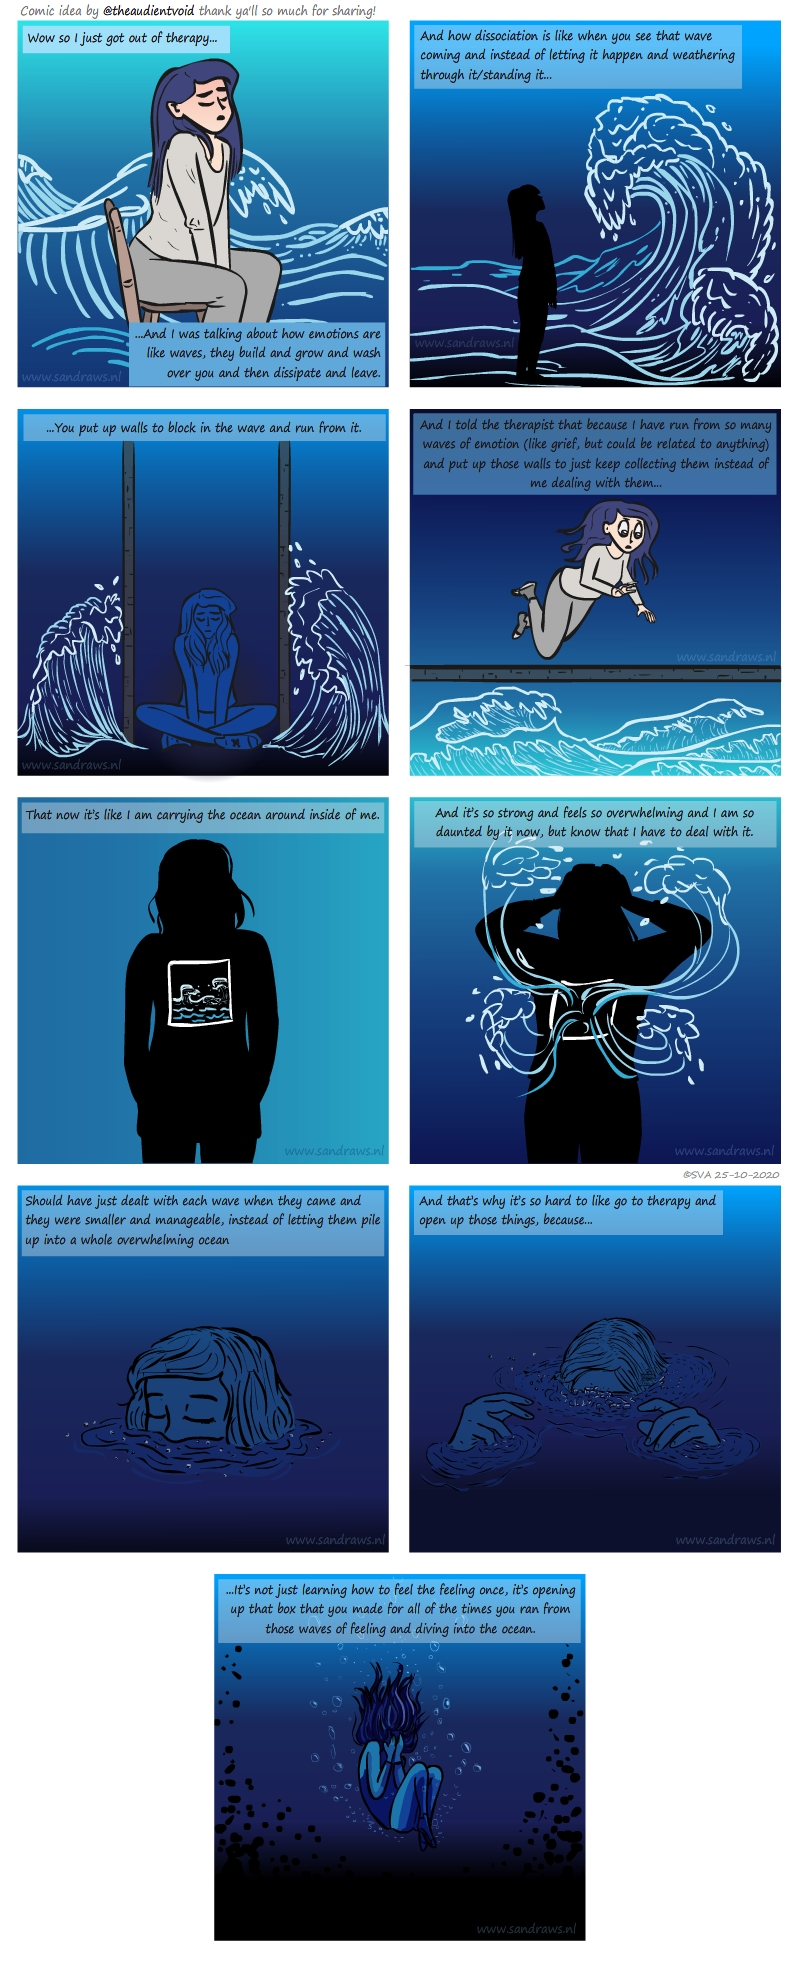 ocean of feelings - comic